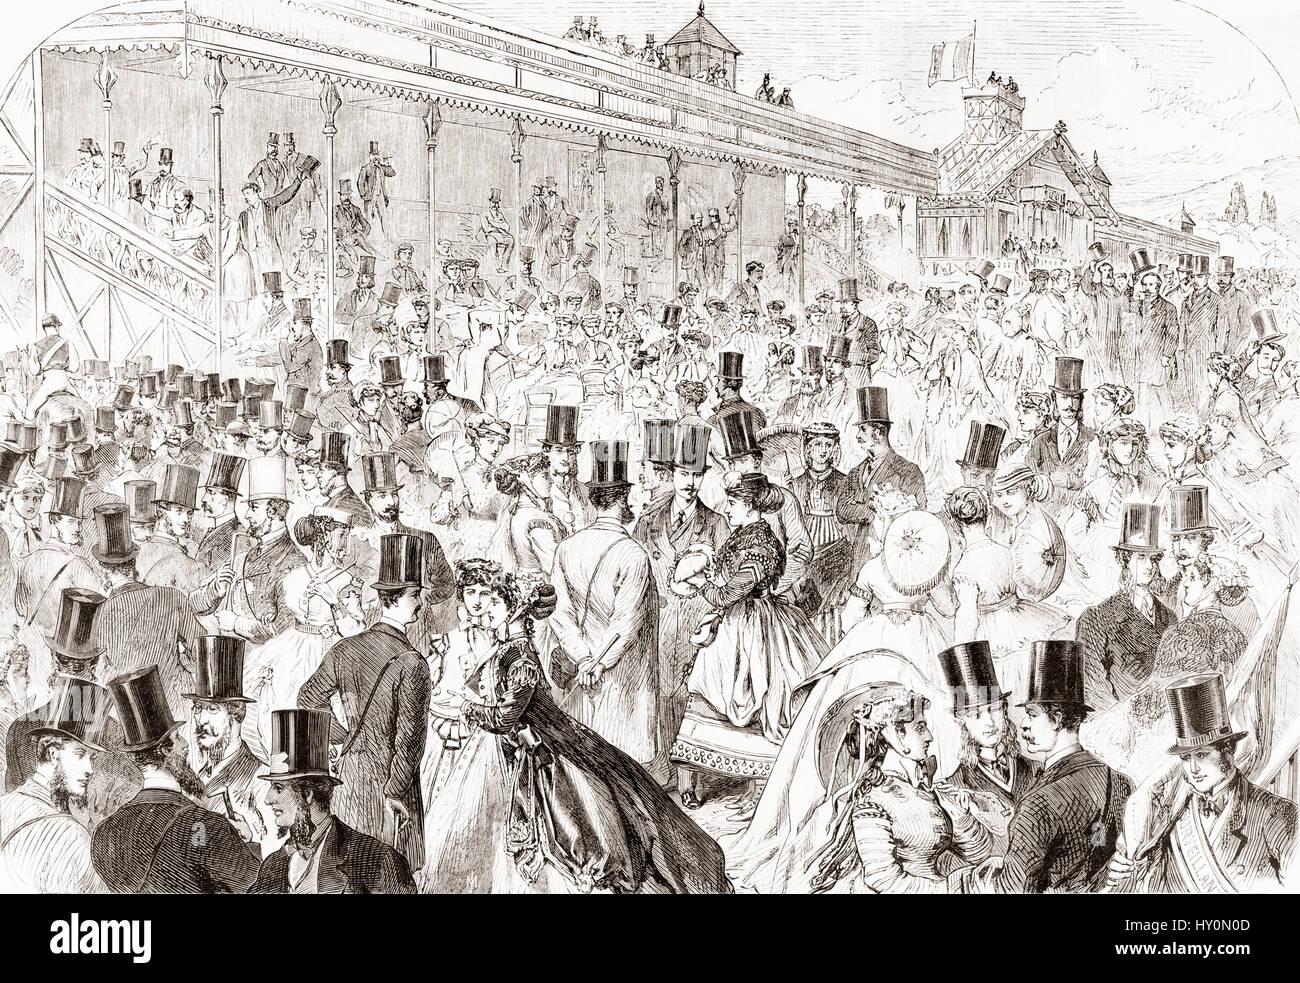 El hipódromo de Longchamp ( hipódromo de Longchamp), Route des tribunos, Bois de Boulogne, en París, Imagen De Stock